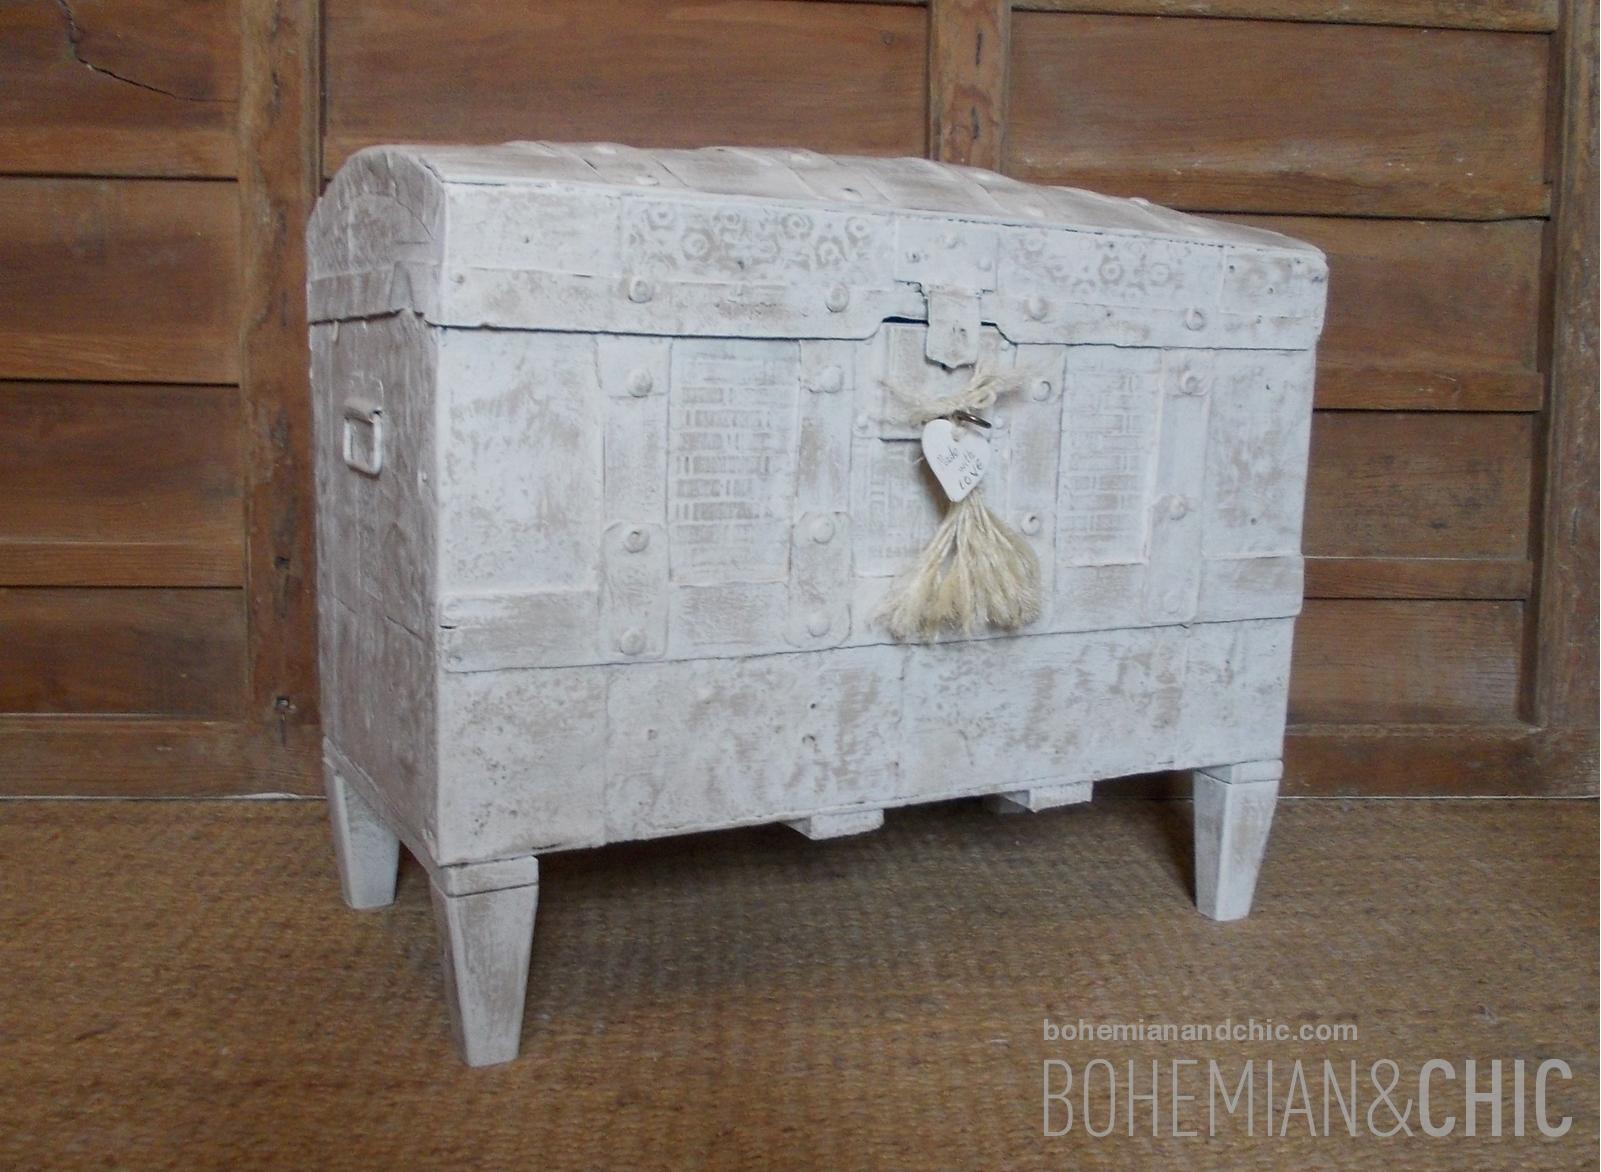 C mo transformar un antiguo ba l tienda online de - Transformar muebles antiguos ...